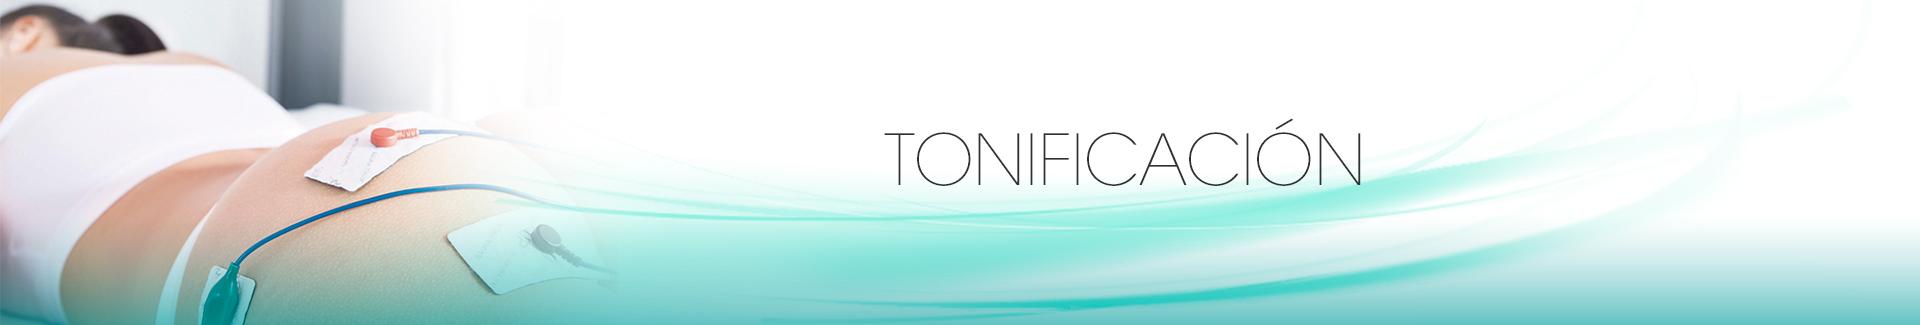 Tratamientos de Tonificación - Clínica Sergio Rada, Medicina Estética Especializada